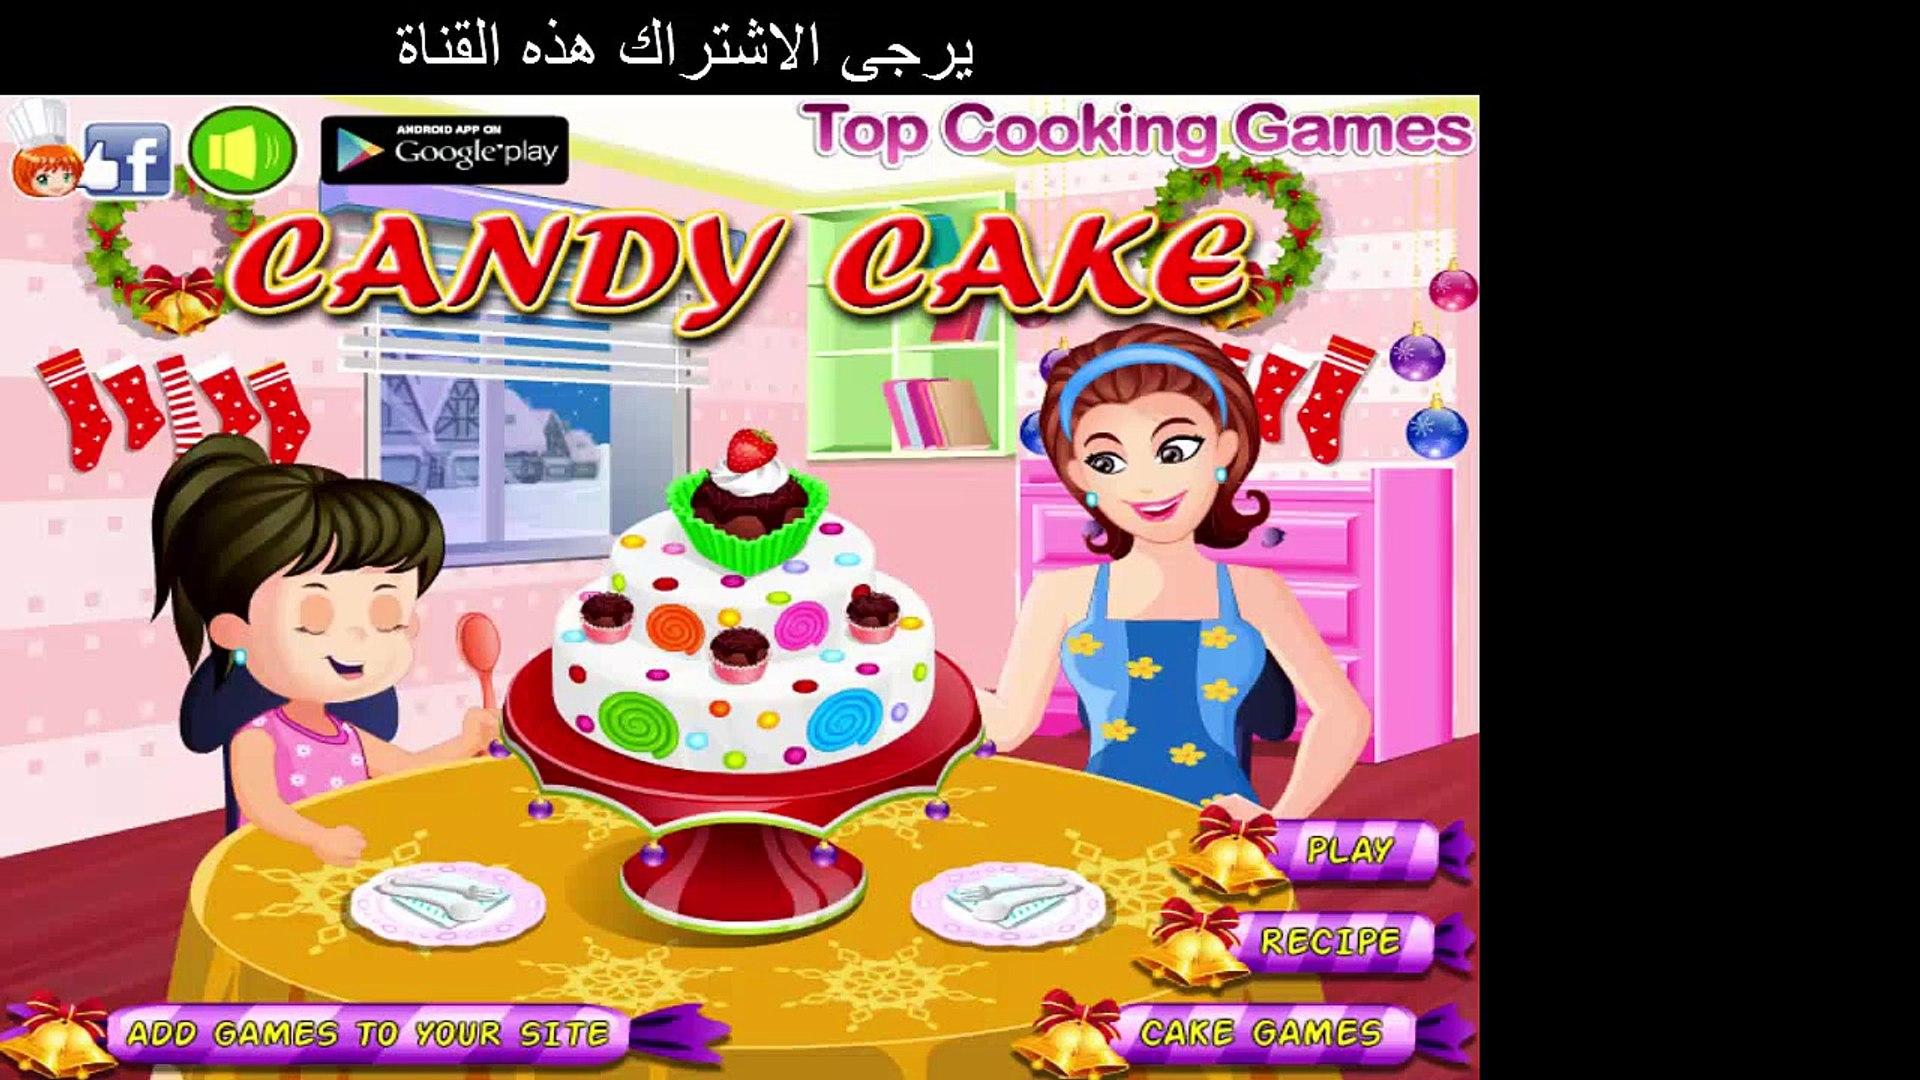 ألعاب الطبخ - كاندي كيك لعبة الخبز